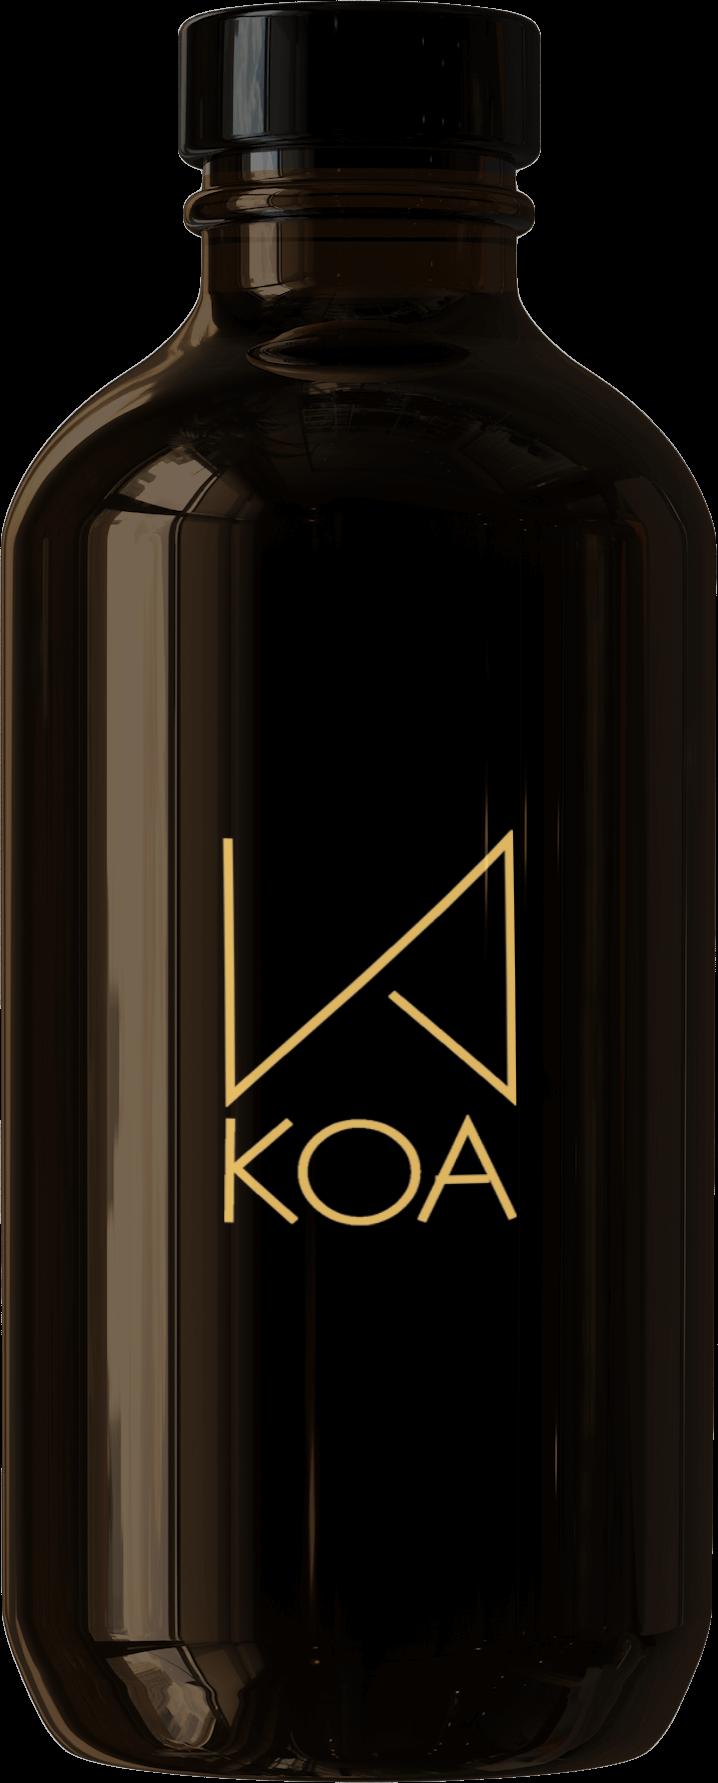 a dark bottle with a label written KOA